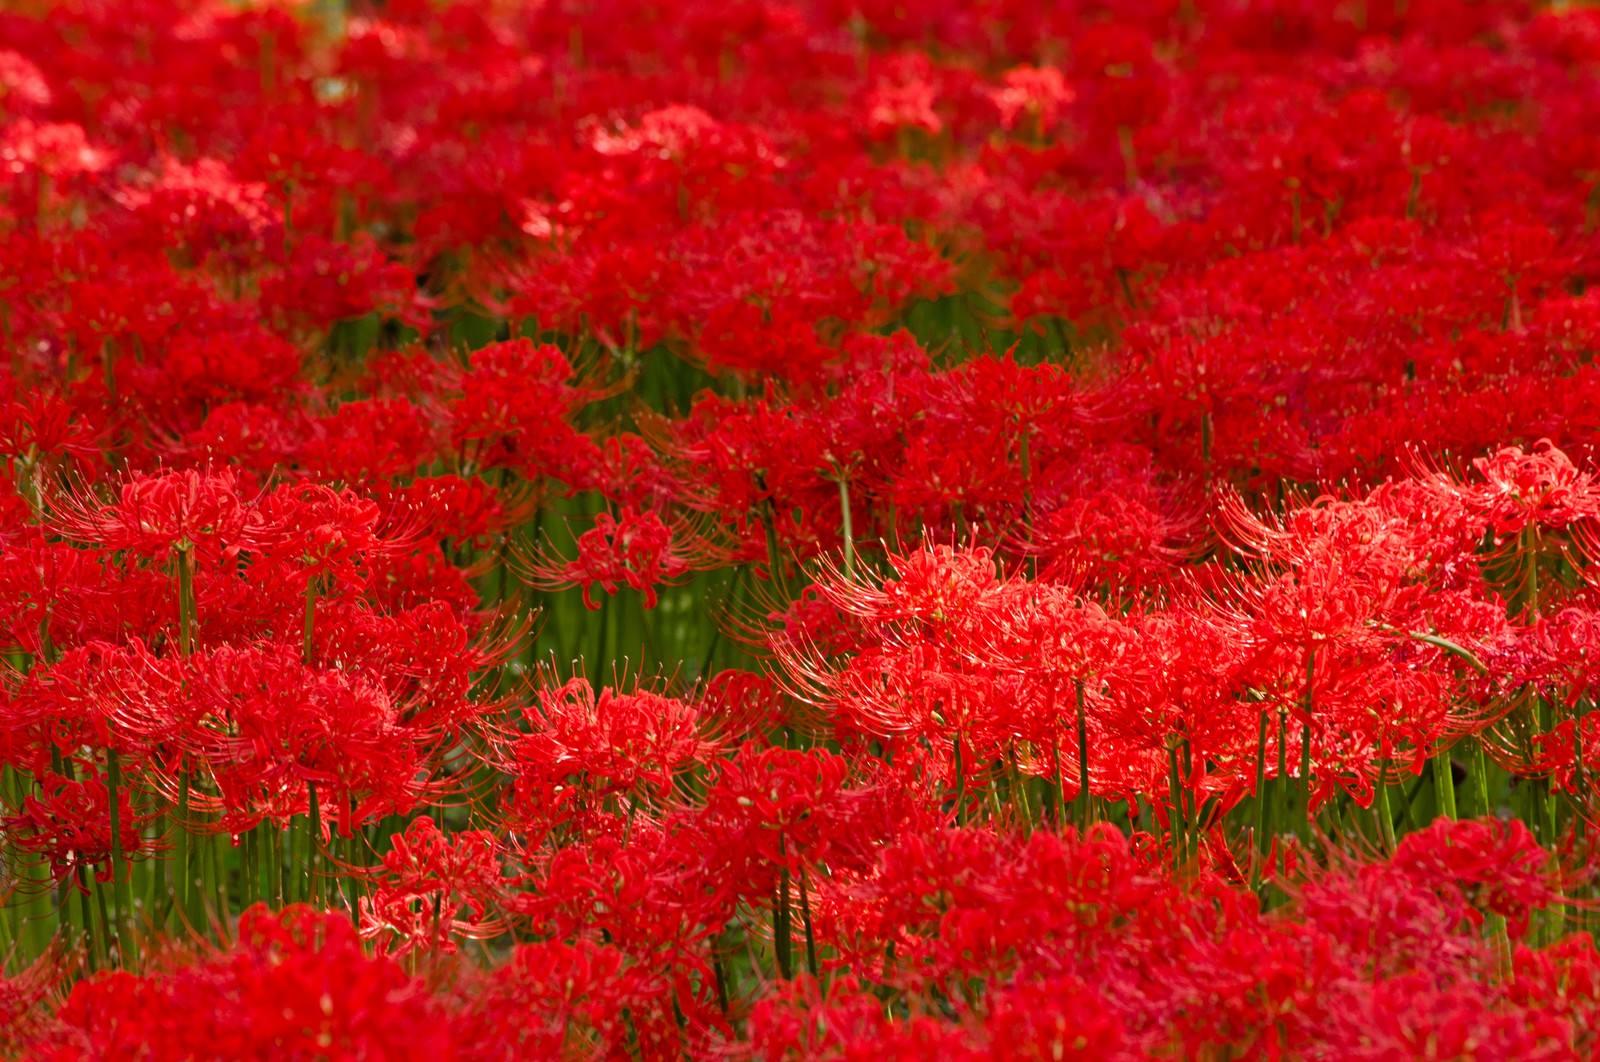 「赤い彼岸花のテクスチャー」の写真